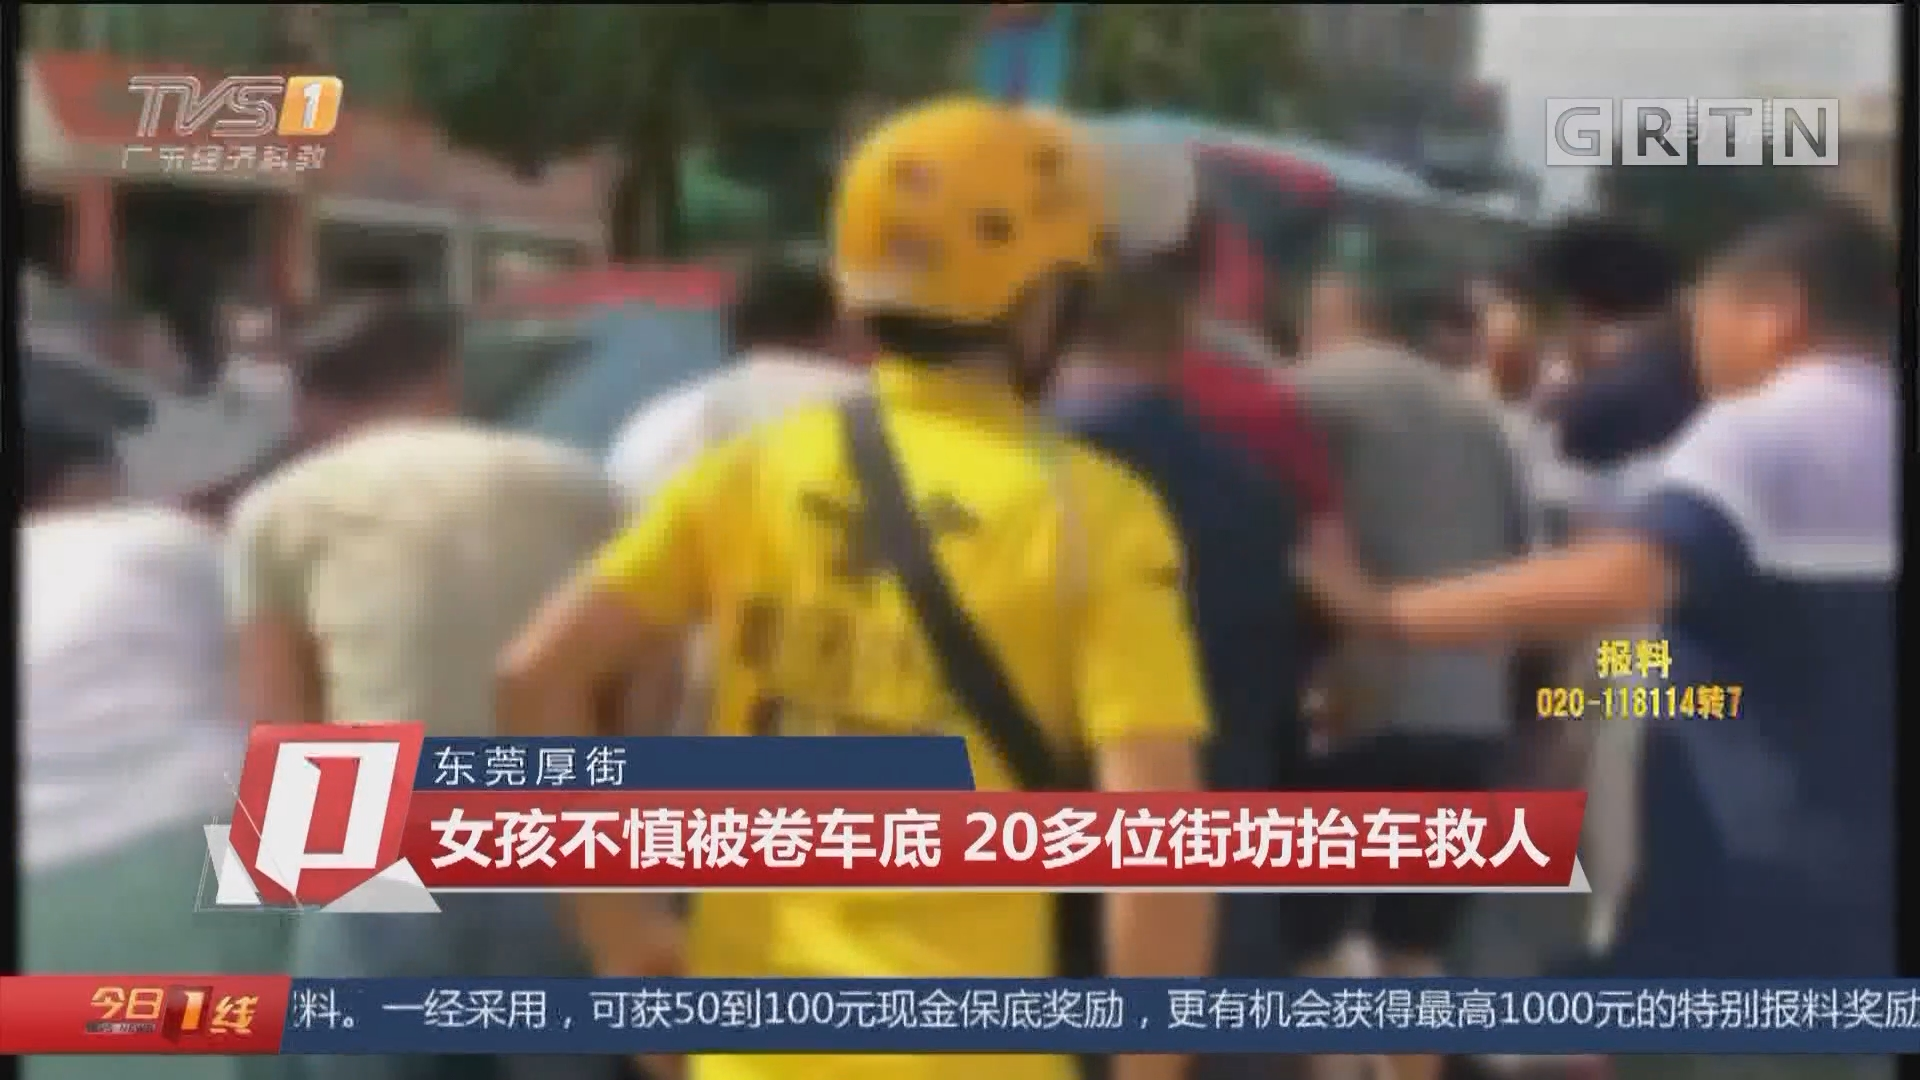 东莞厚街:女孩不慎被卷车底 20多位街坊抬车救人